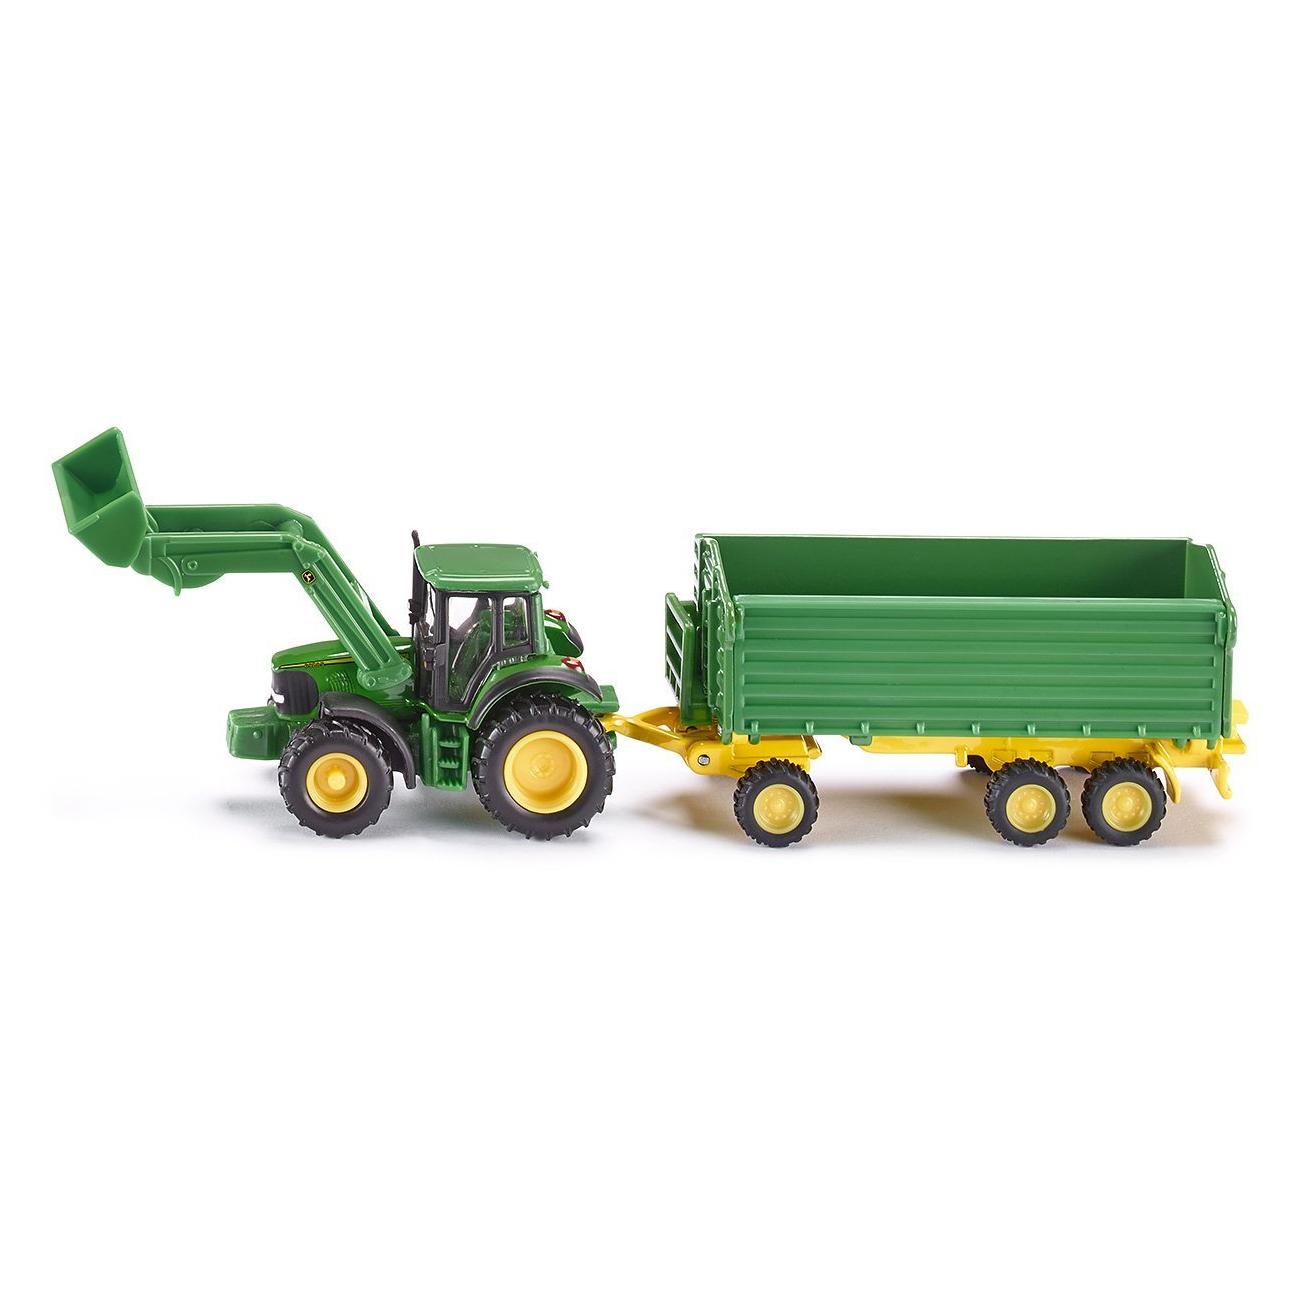 Купить Трактор с ковшом и прицепом-кузовом - Джон Дир, зеленый, Siku